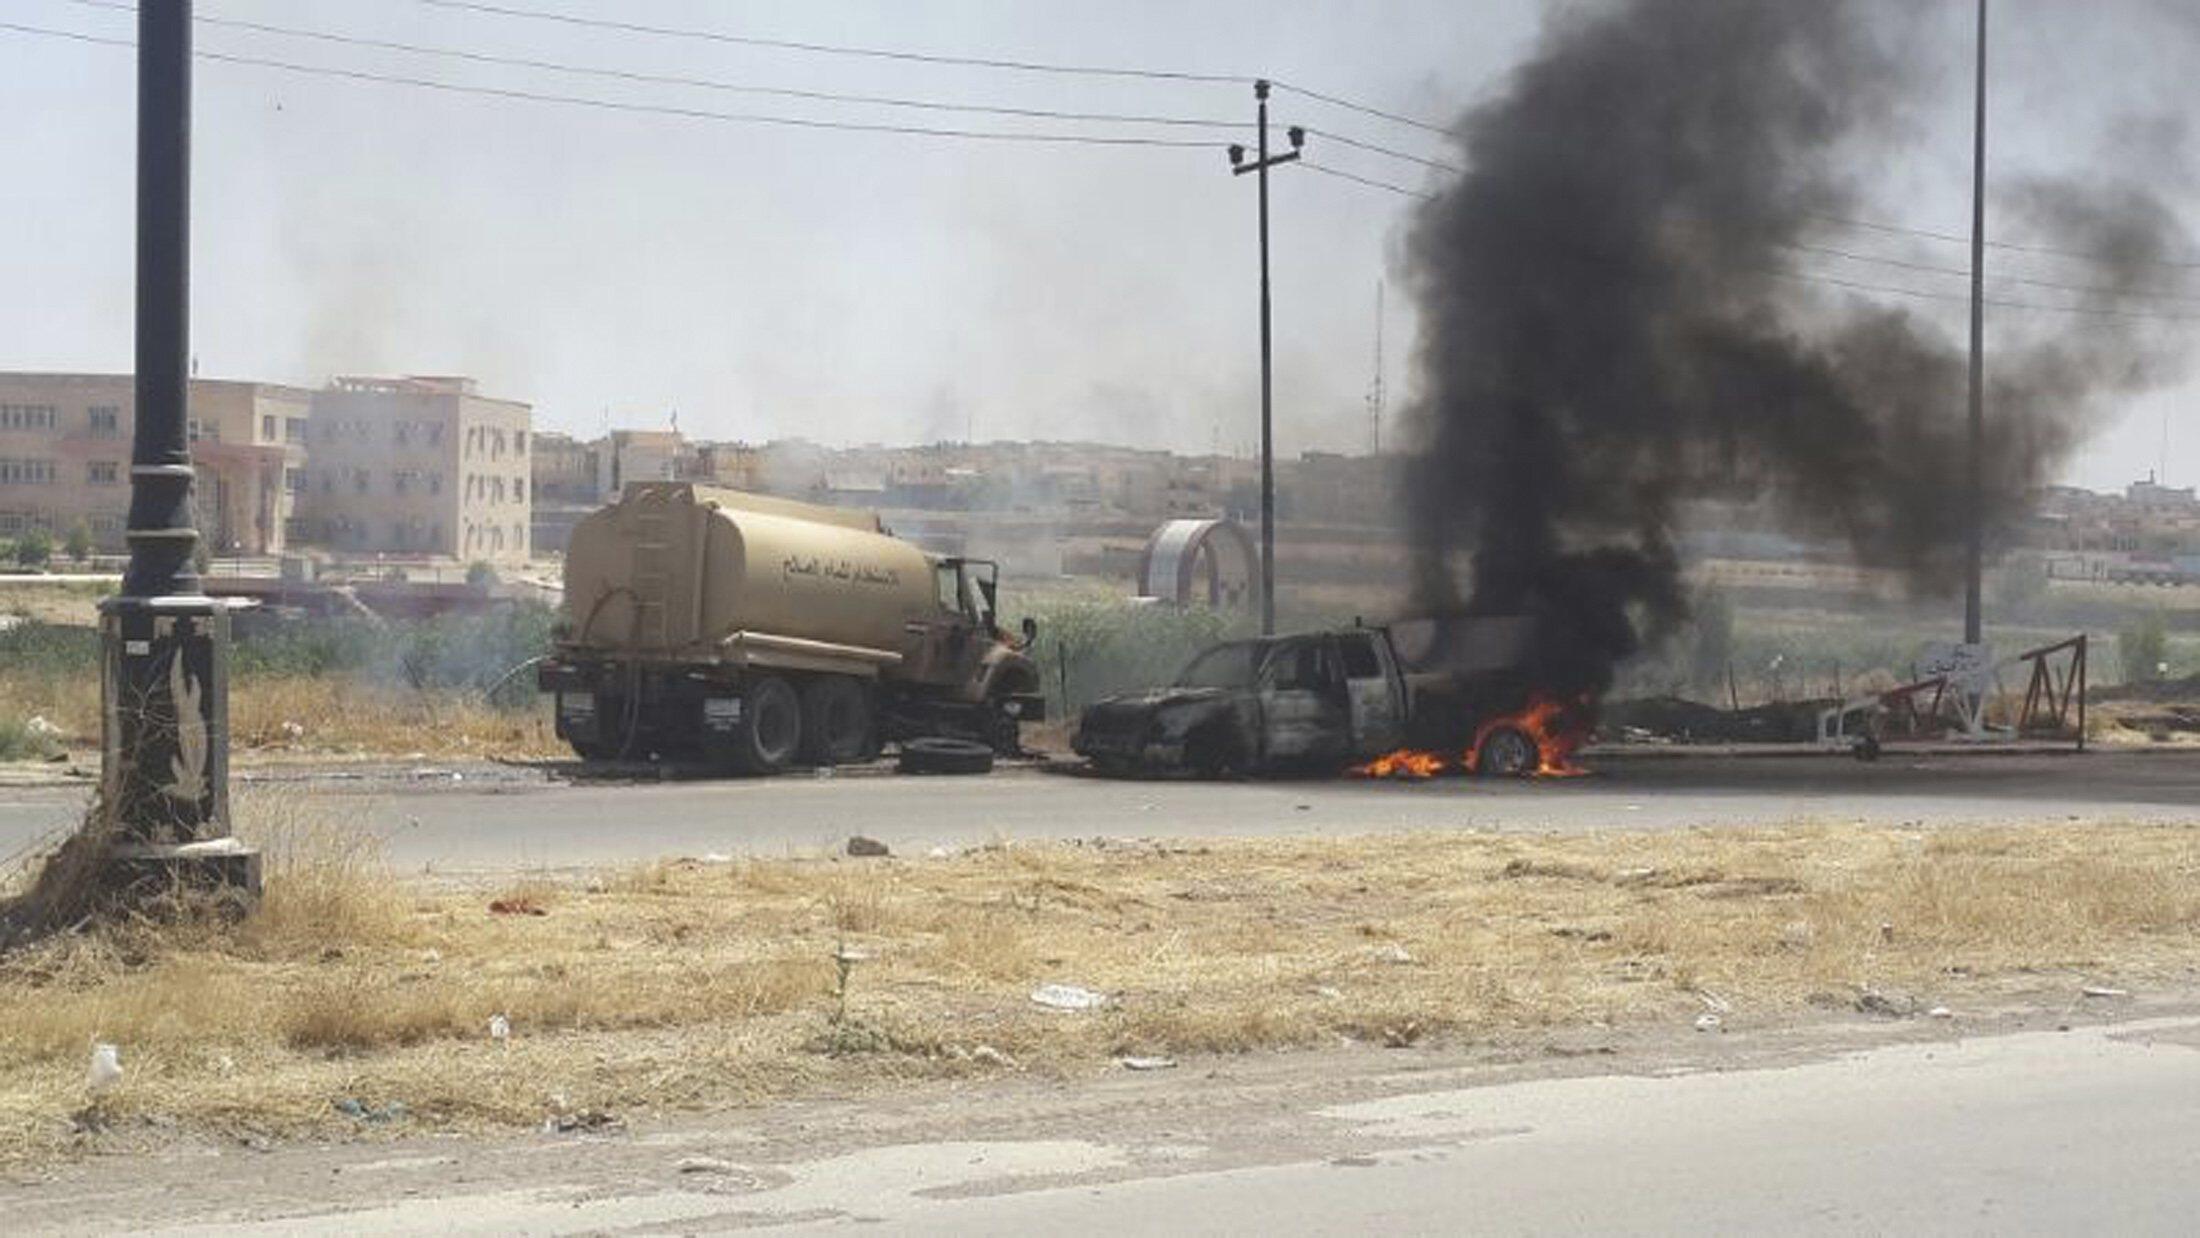 Автомобили сил безопасности Ирака, сожженные в столкновении с ИГИЛ в Мосуле 10/06/2014